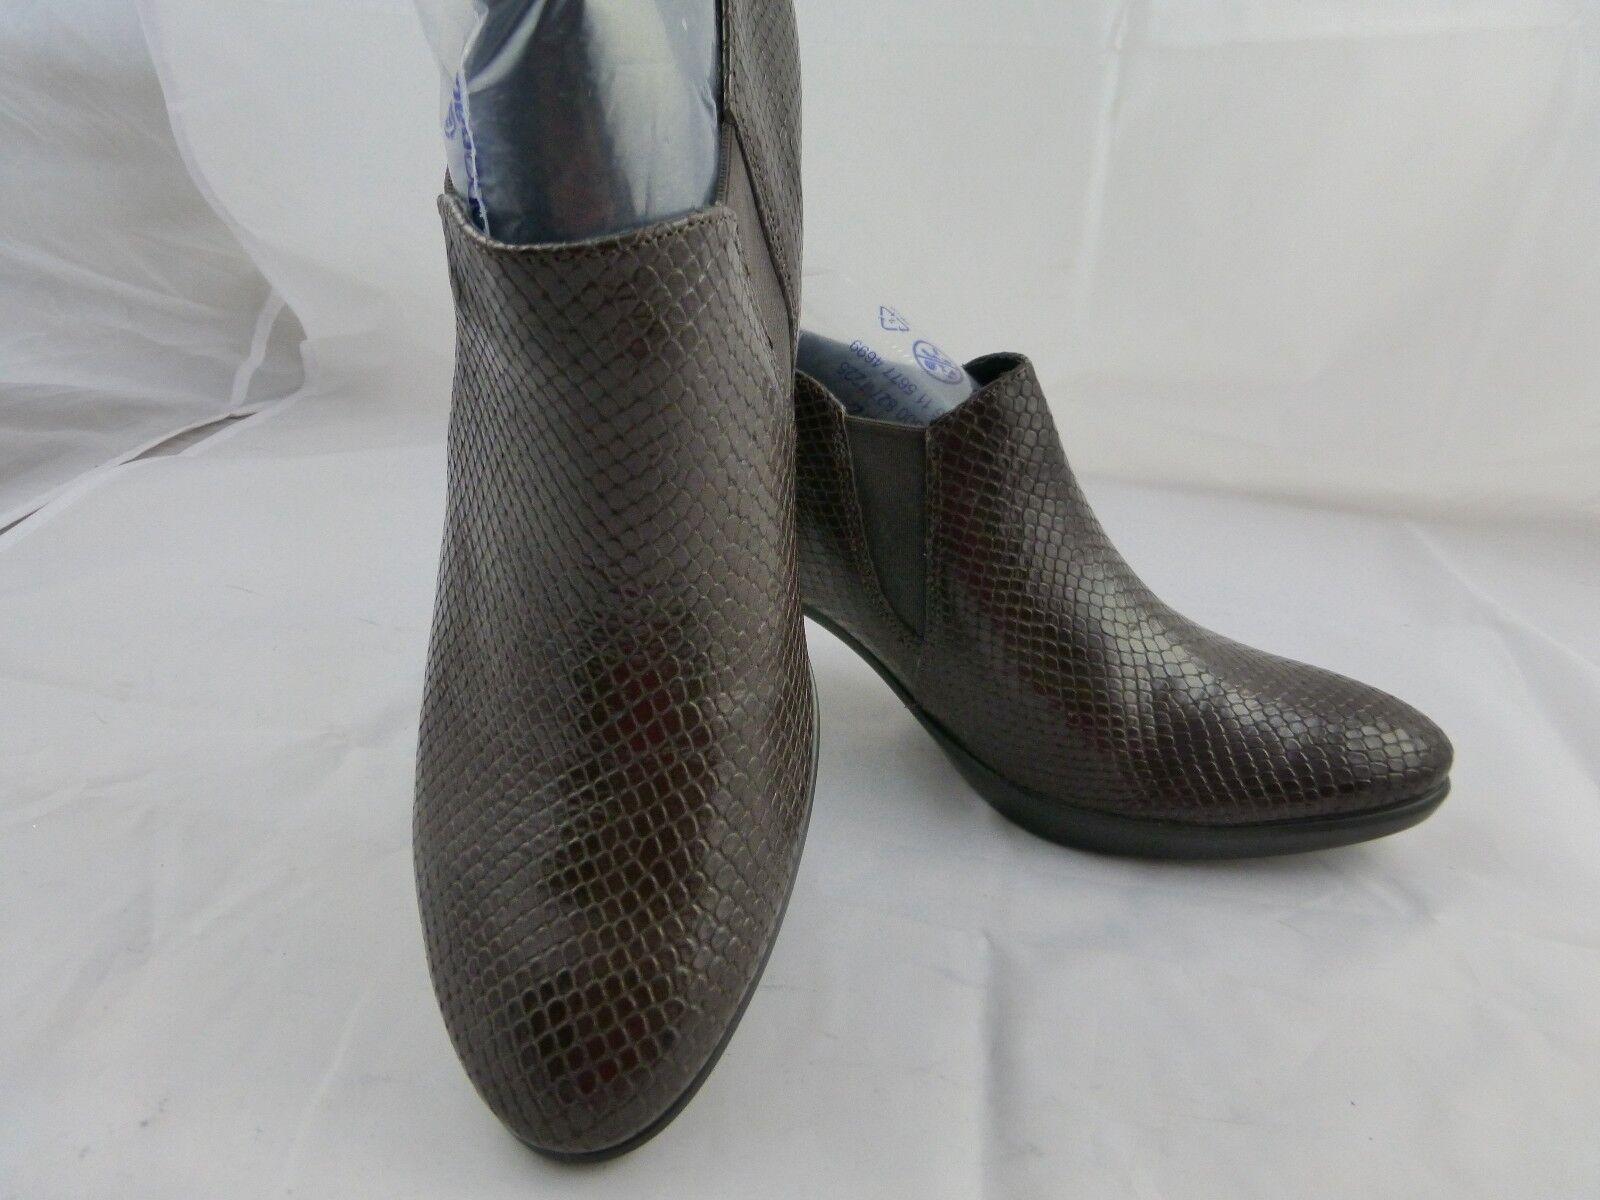 Ecco Leder shoe/boots shootie Braun, Größe 41/9.5-10 NEU